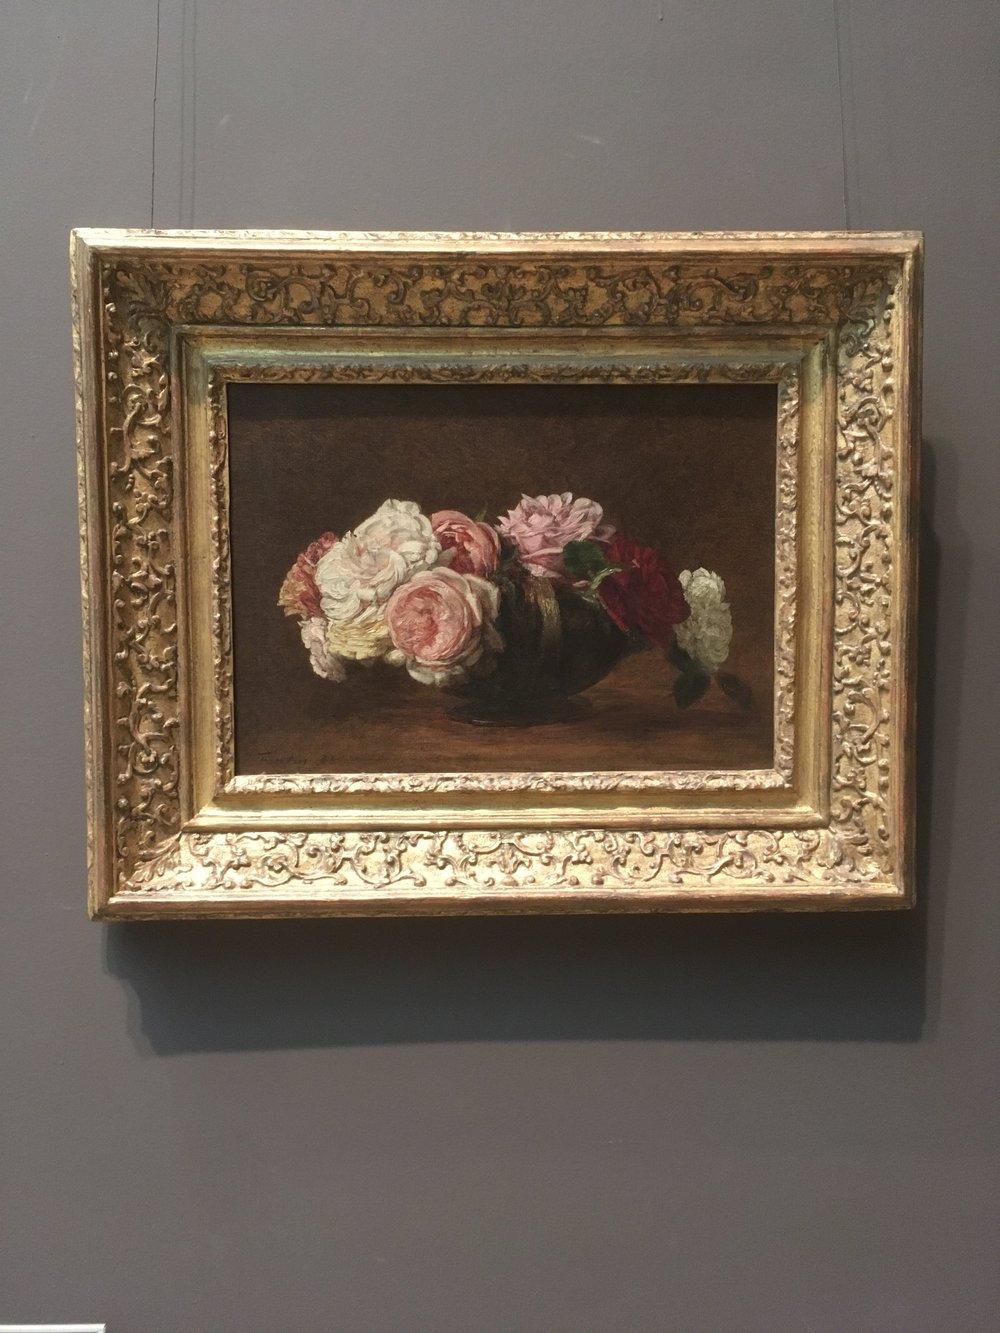 Henri Fantin-Latour, 'Roses in a Bowl' 1883